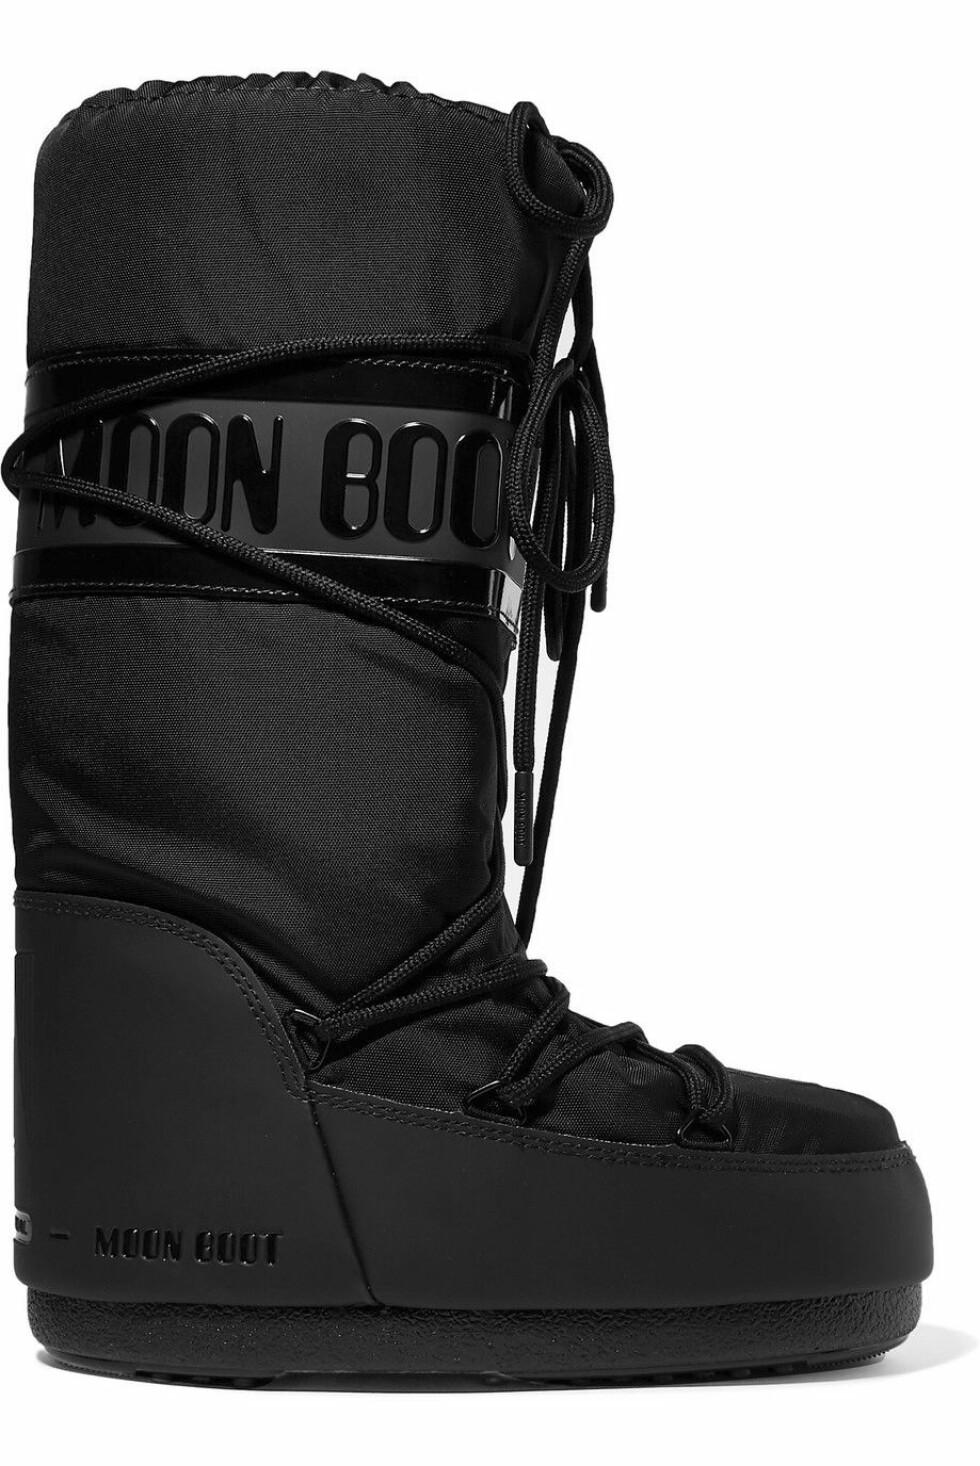 Moon boot/net-a-porter.com, kr 1480